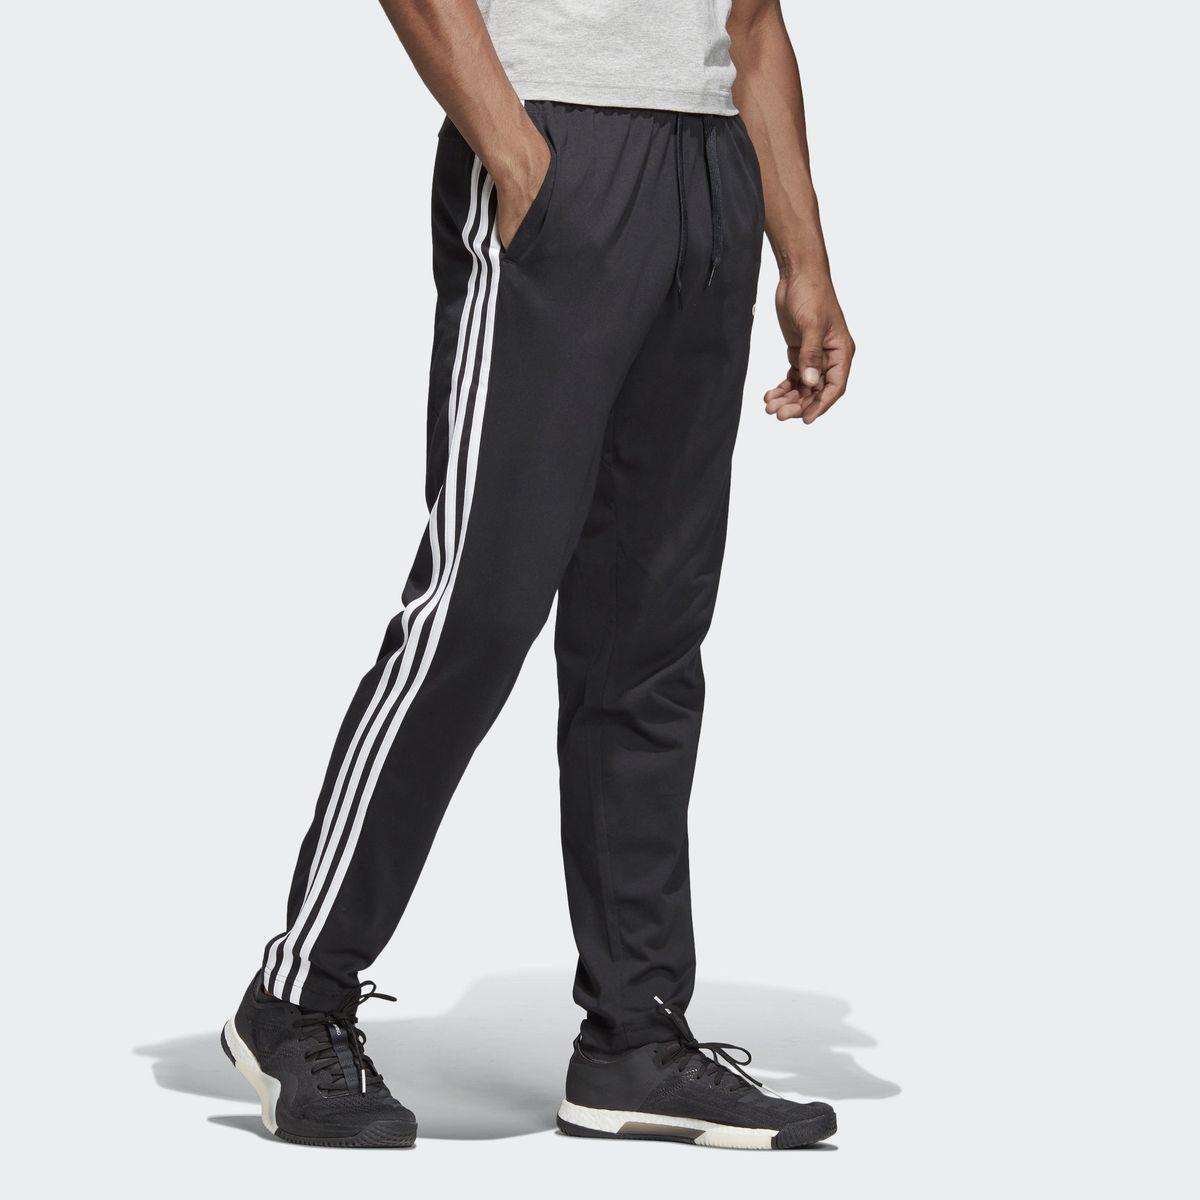 pantalon adidas homme 3xl